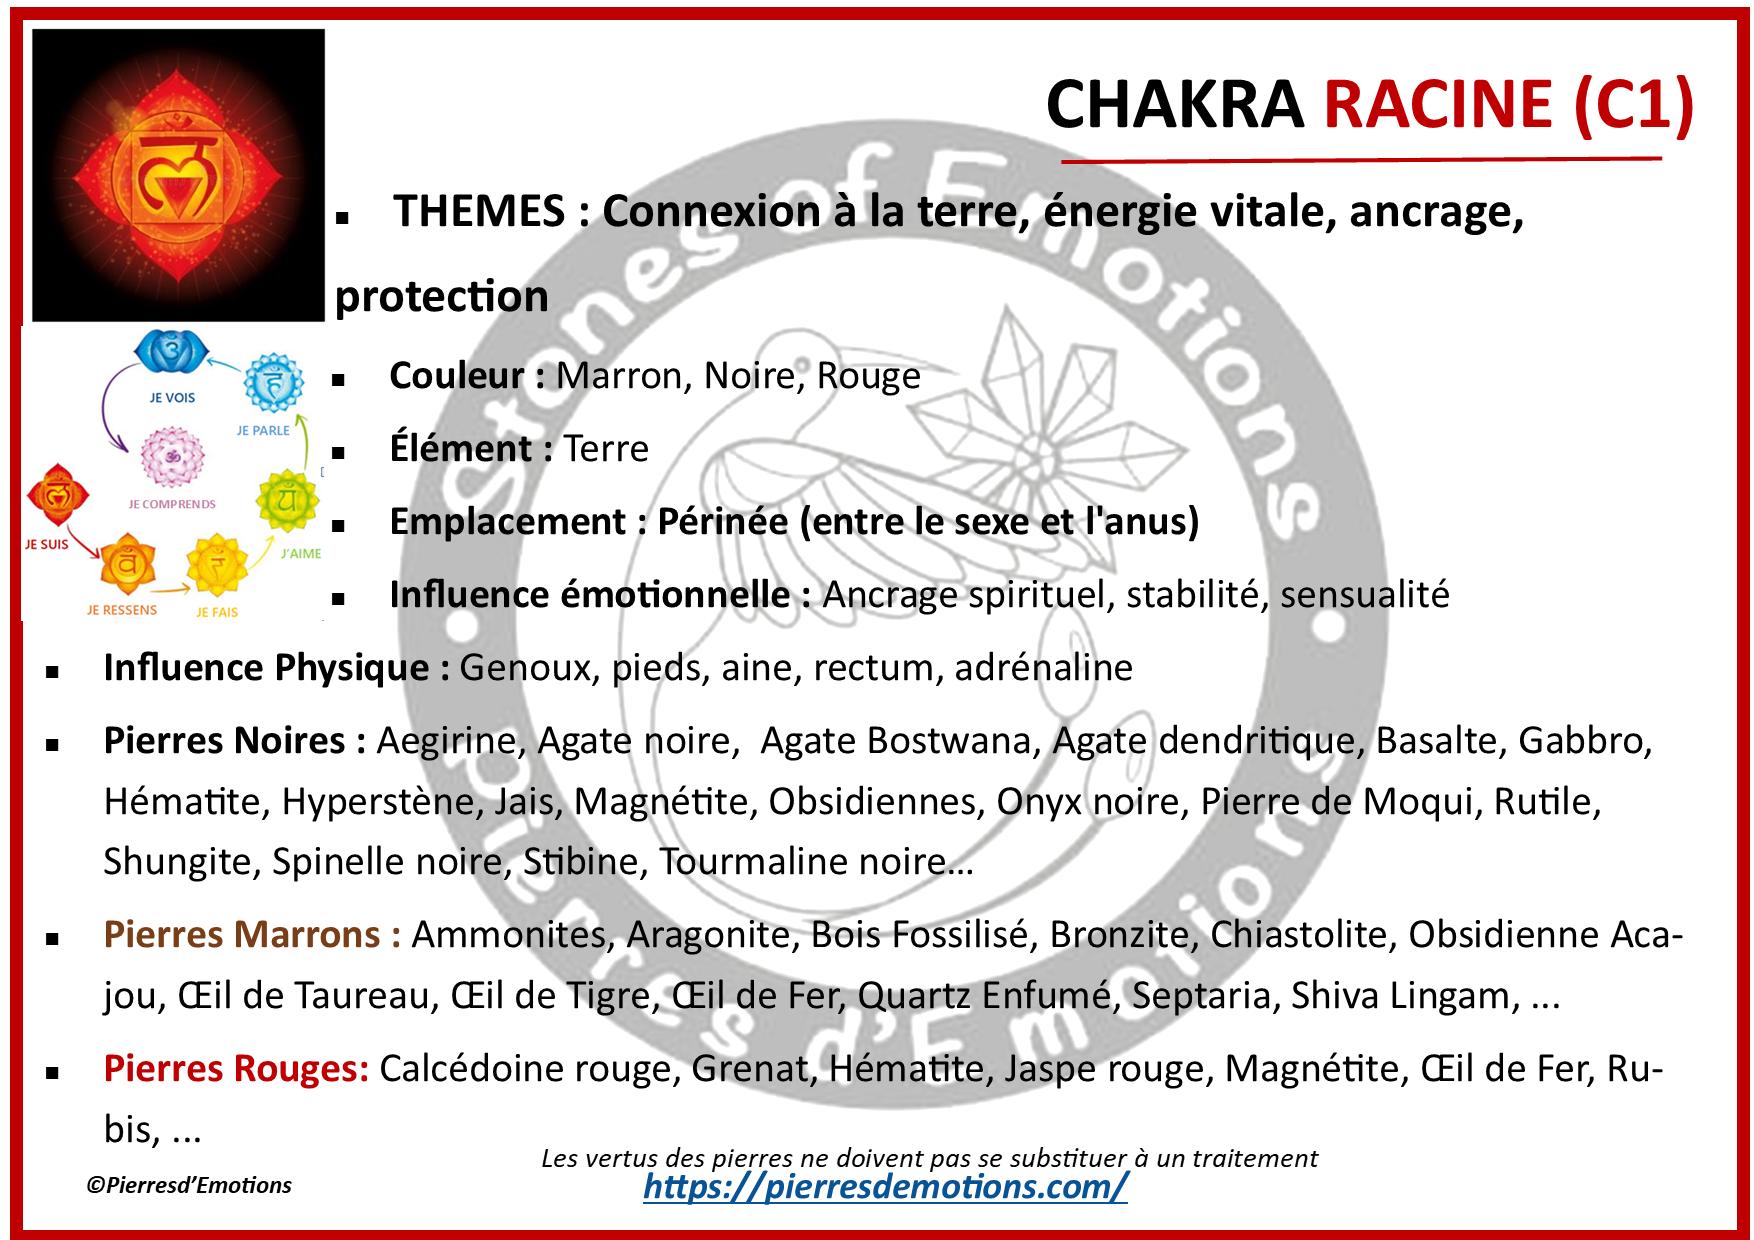 C1-Chakra Racine